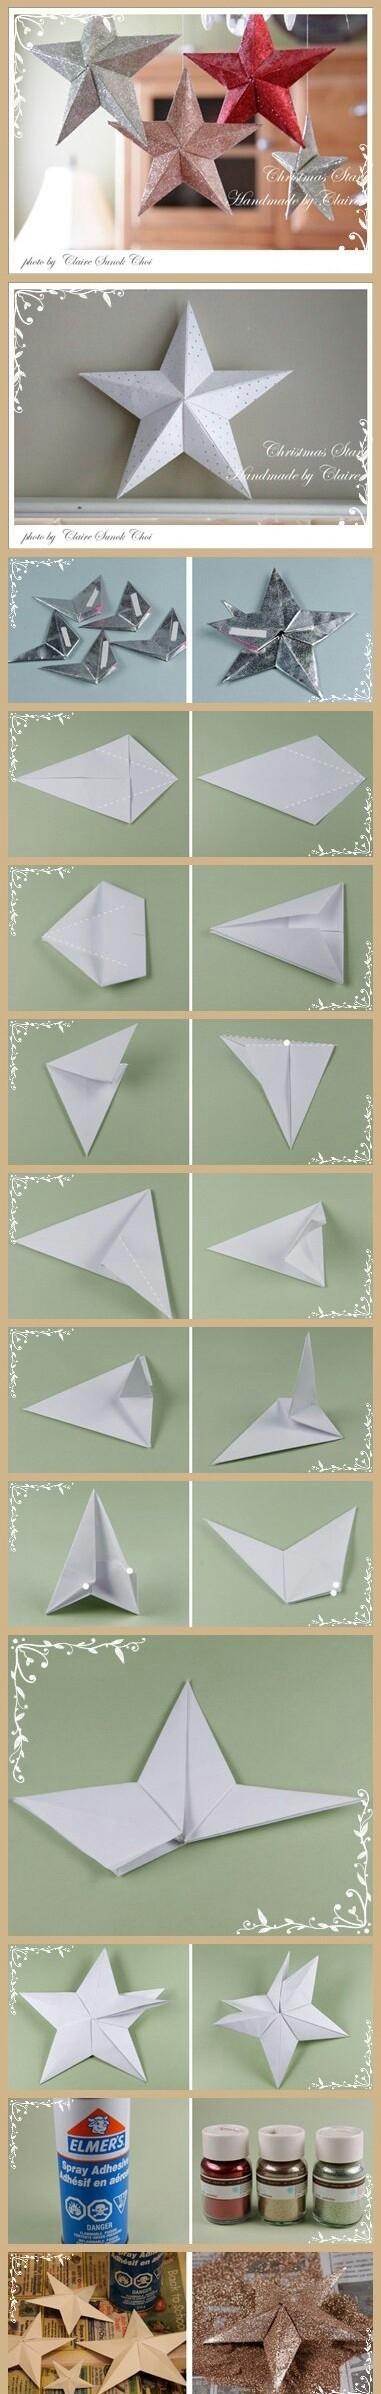 Jak zrobić z papieru gwiazdkę 3D?